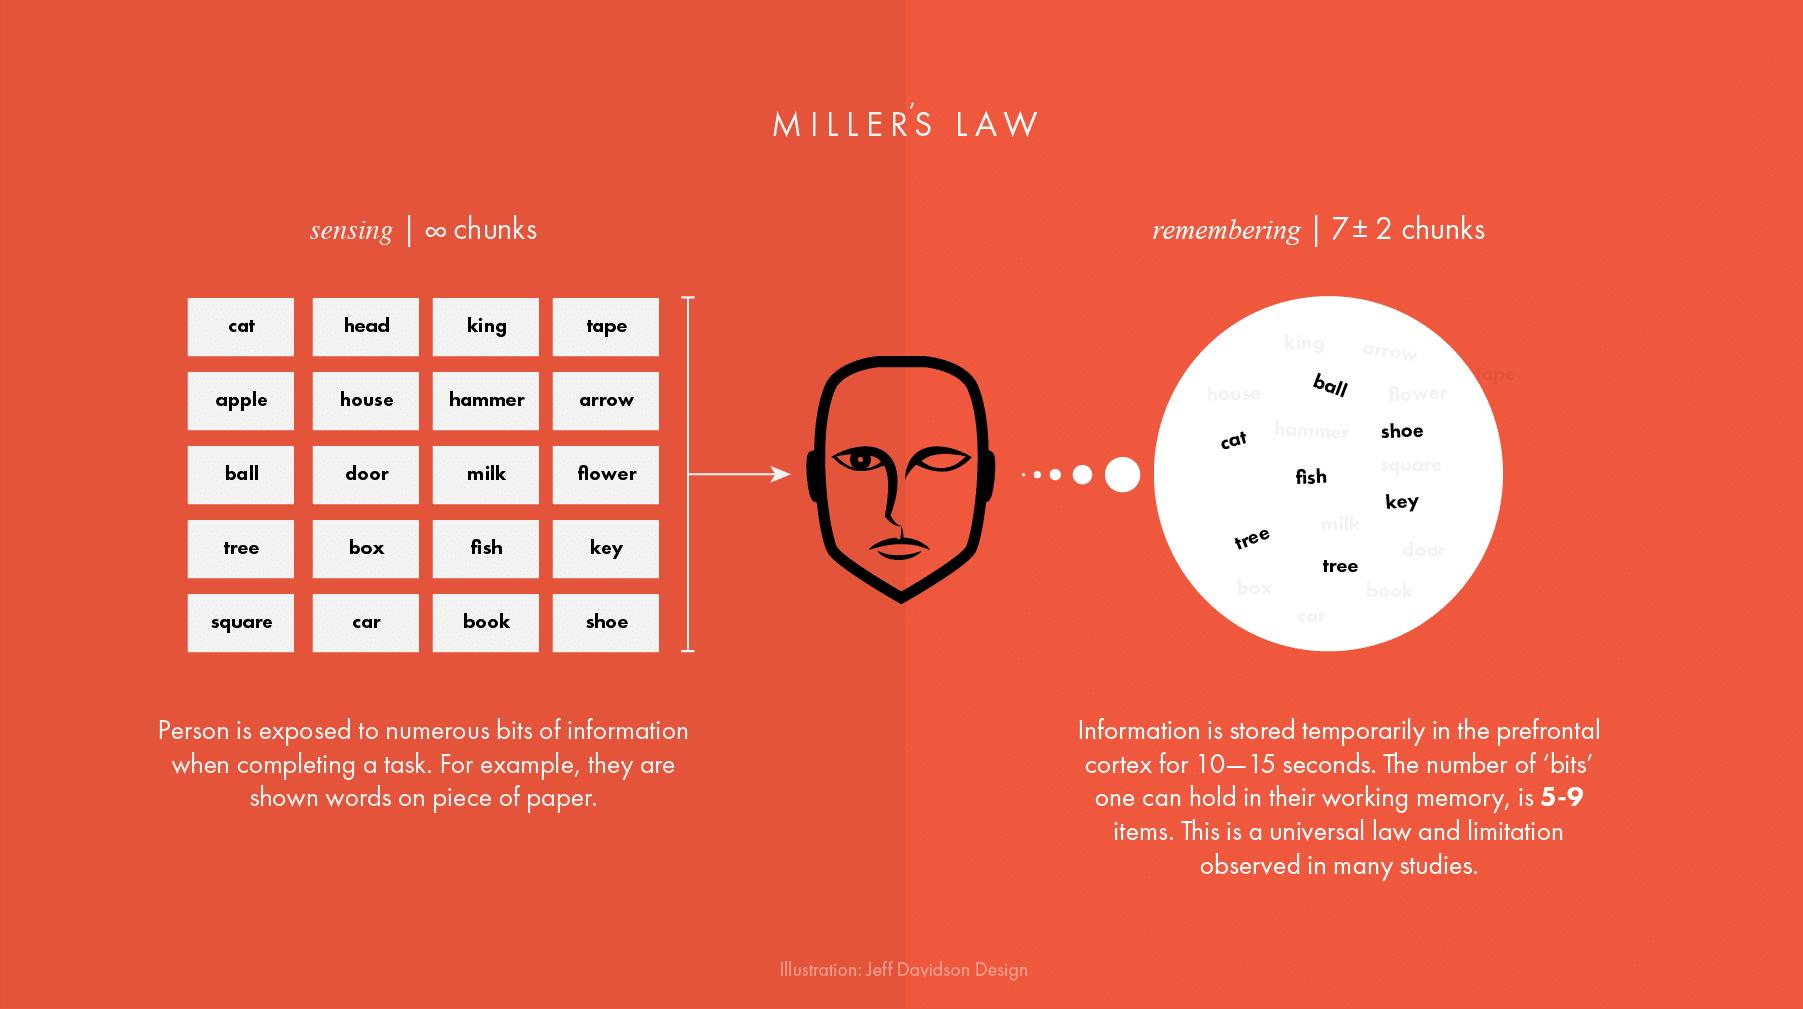 Wet van Miller